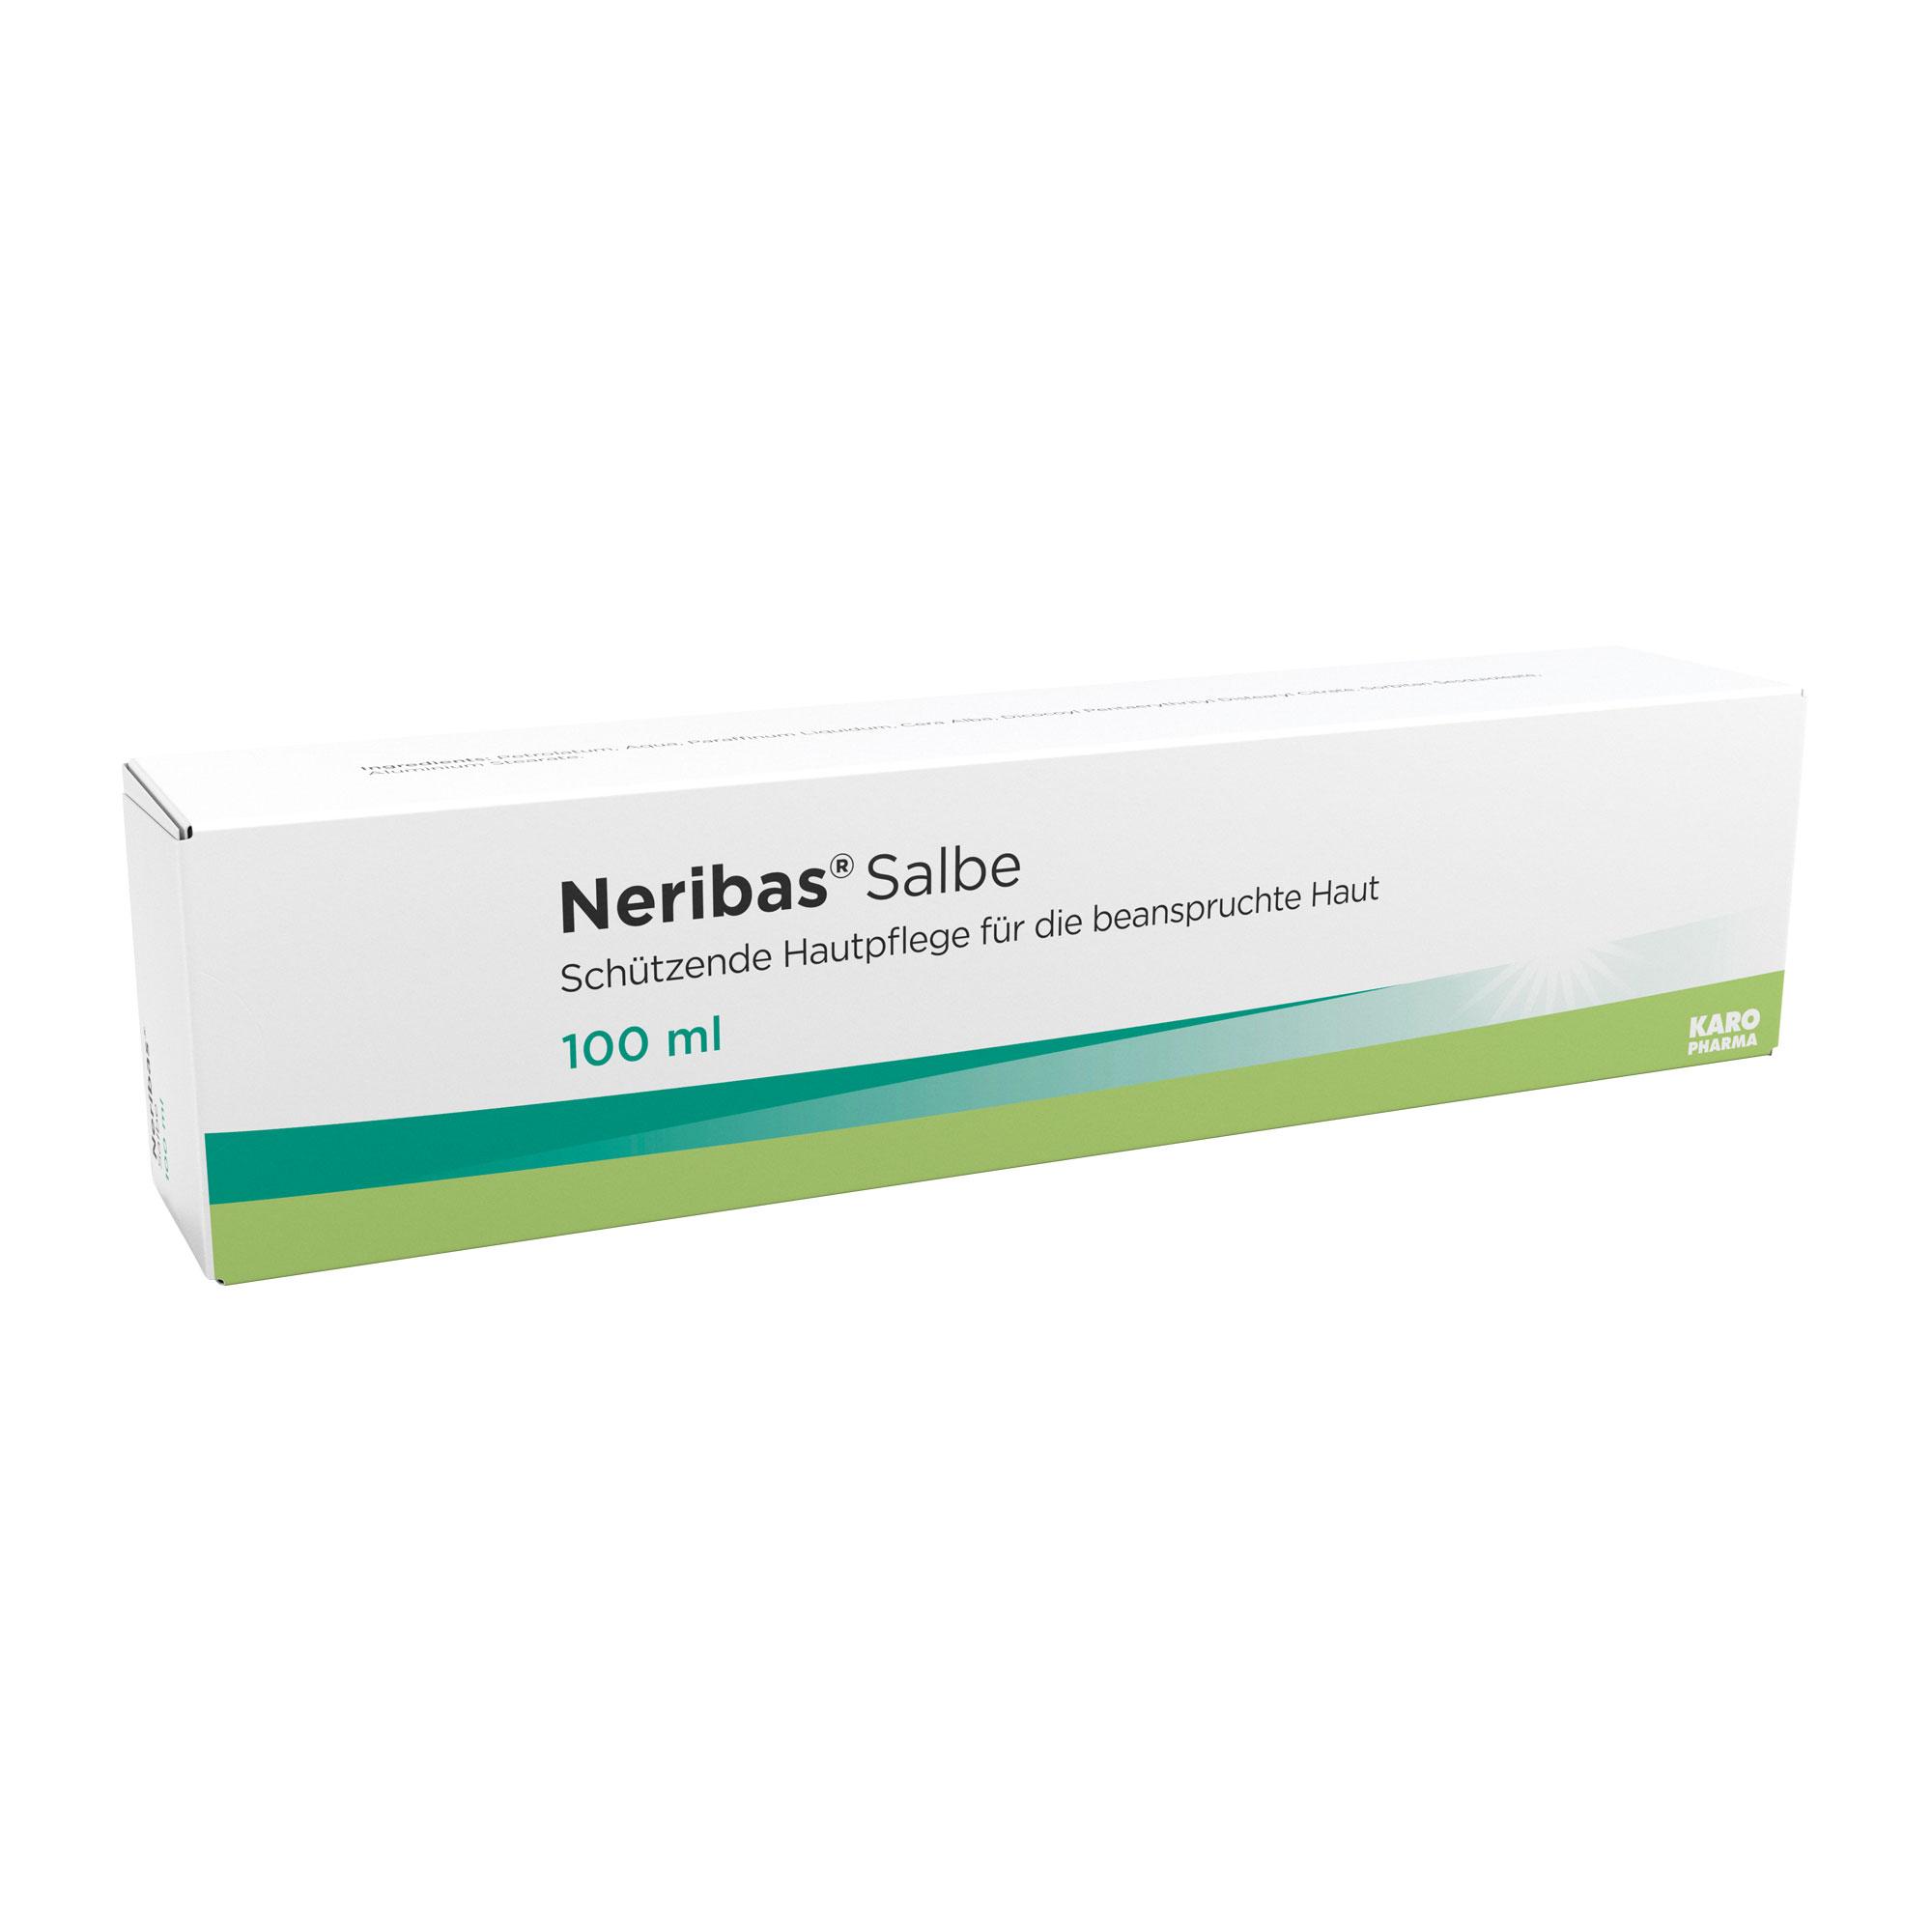 Neribas Salbe